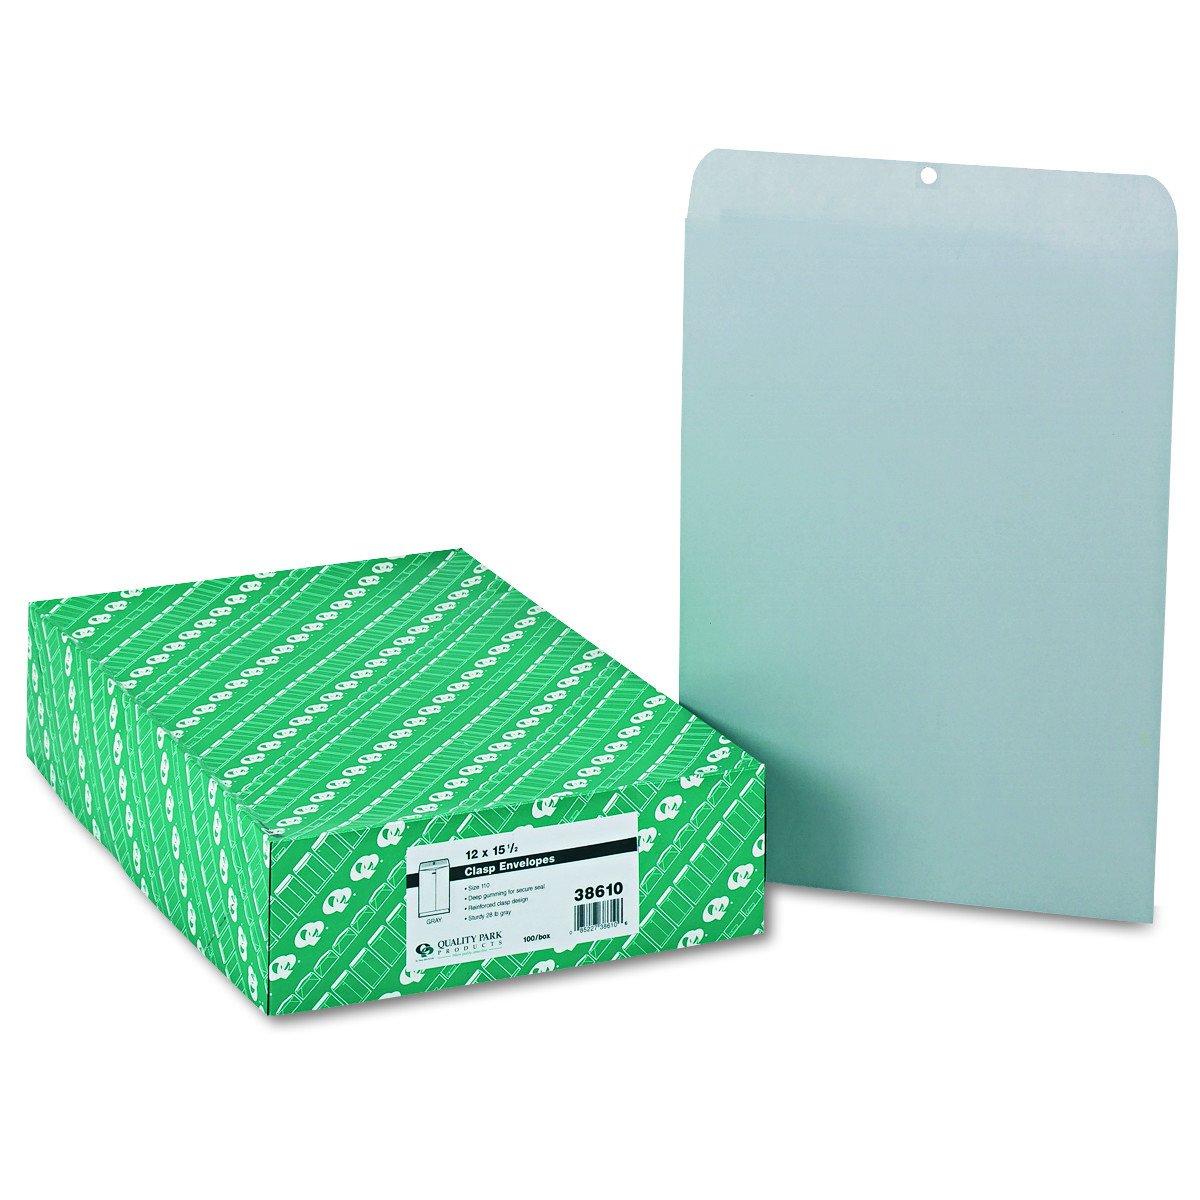 Quality Park Quality Park Executive Gray Gummed Clasp Envelopes (QUA38610) by Quality Park